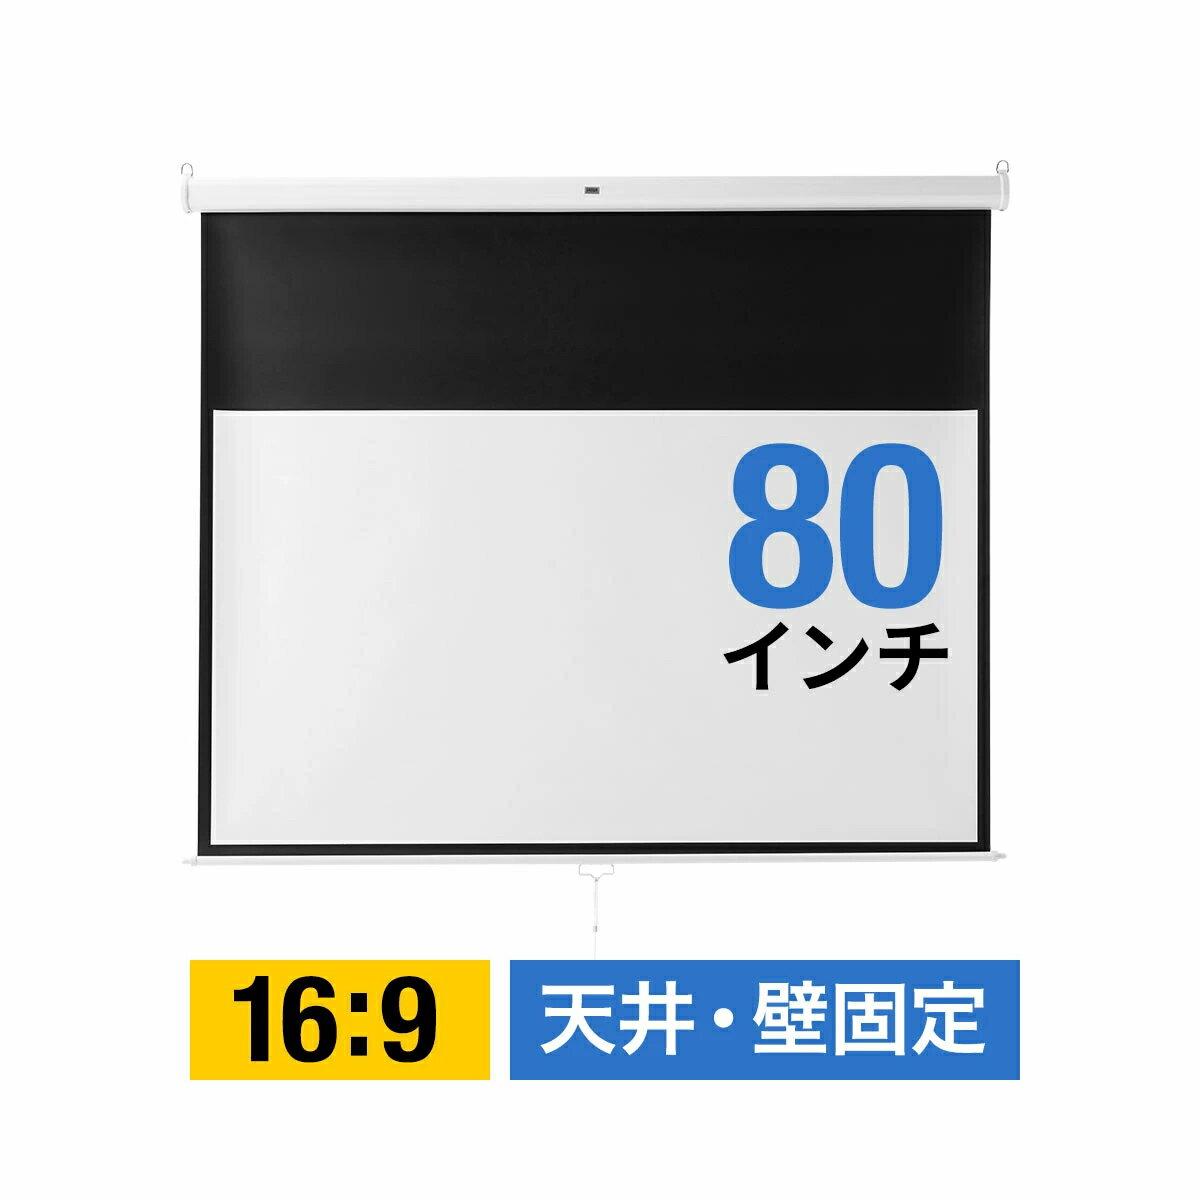 プロジェクター用アクセサリー, プロジェクタースクリーン  80 16:9 100-PRS018